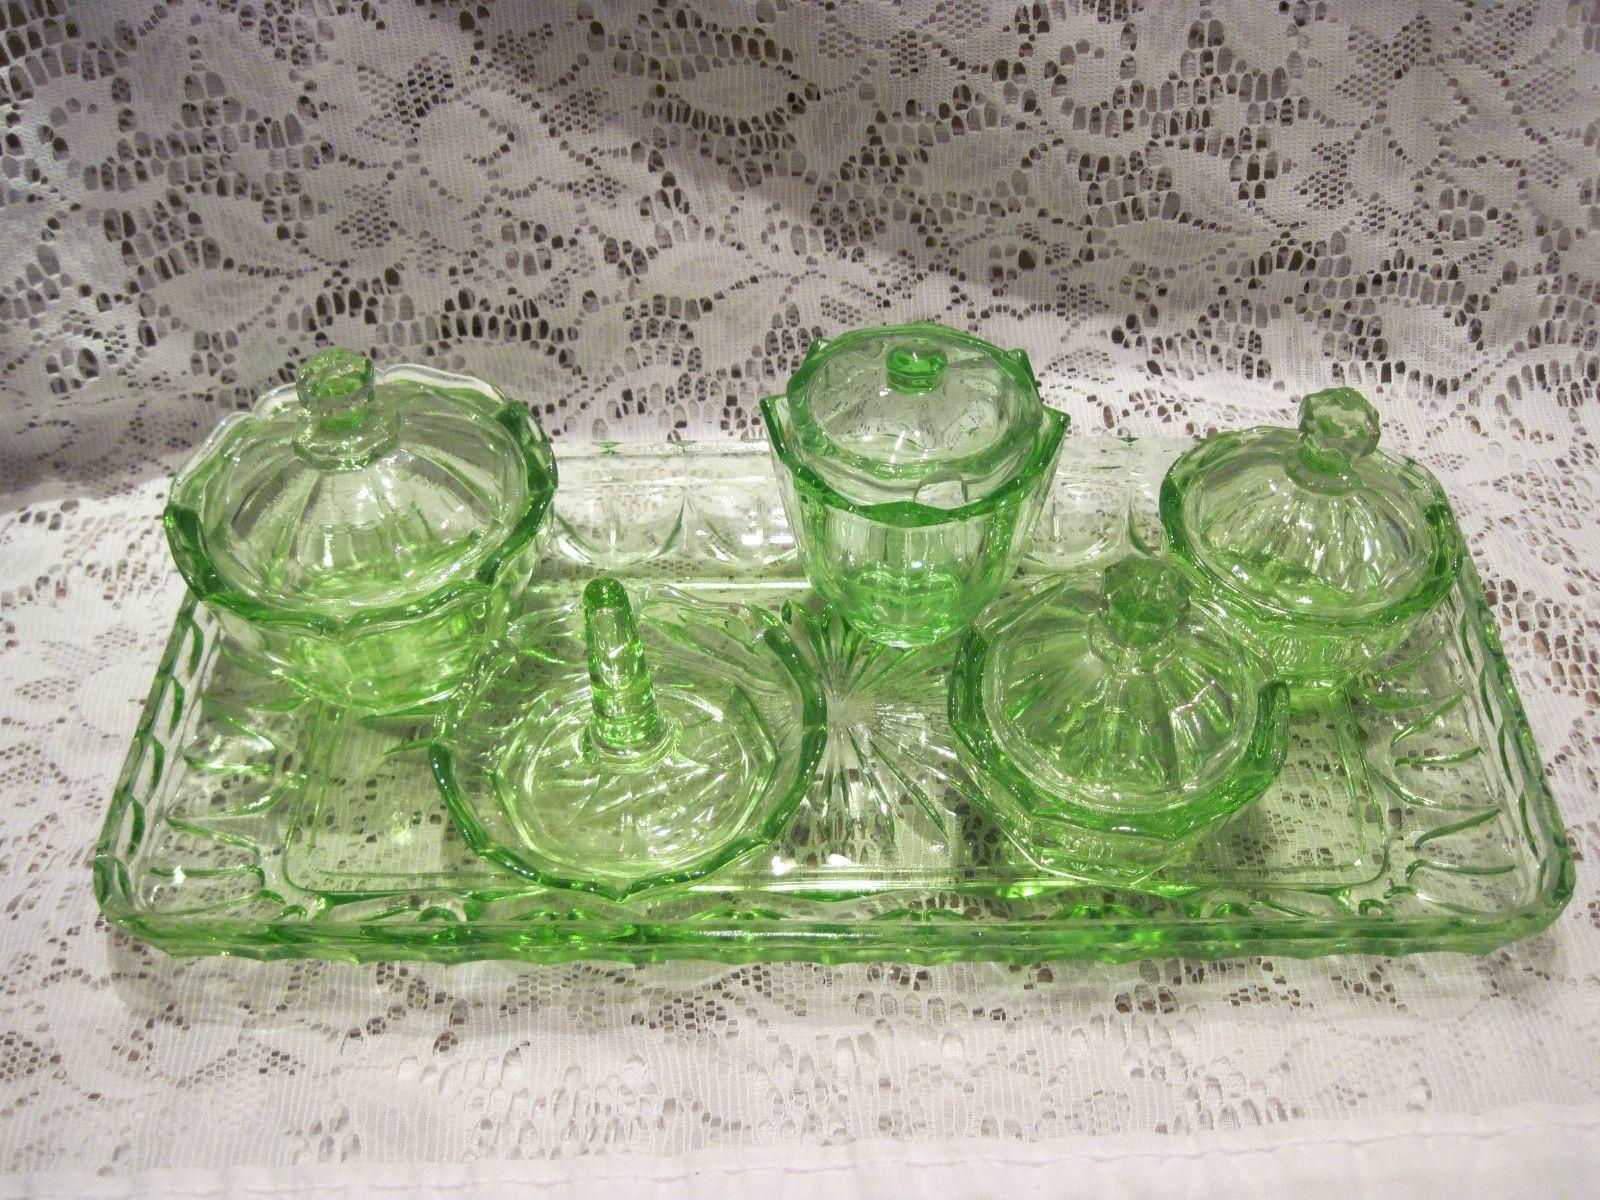 details about green vaseline depression glass dresser vanity set  - details about green vaseline depression glass dresser vanity set   pieces